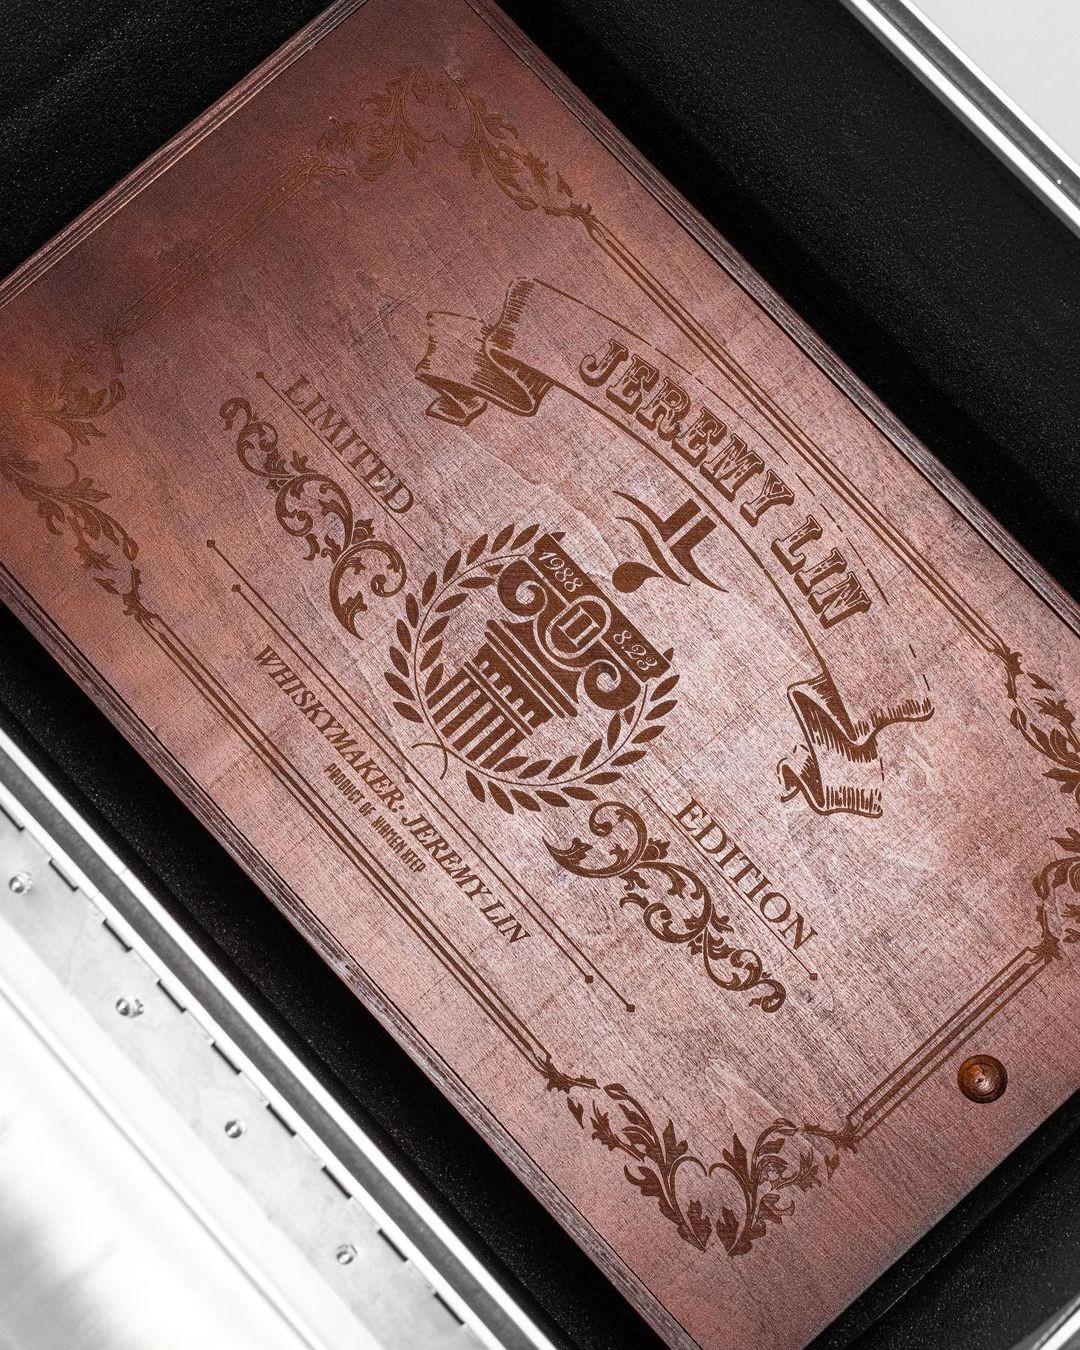 林书豪,特步  标配奢华木盒!「威士忌」配色林书豪二代最新实物曝光!